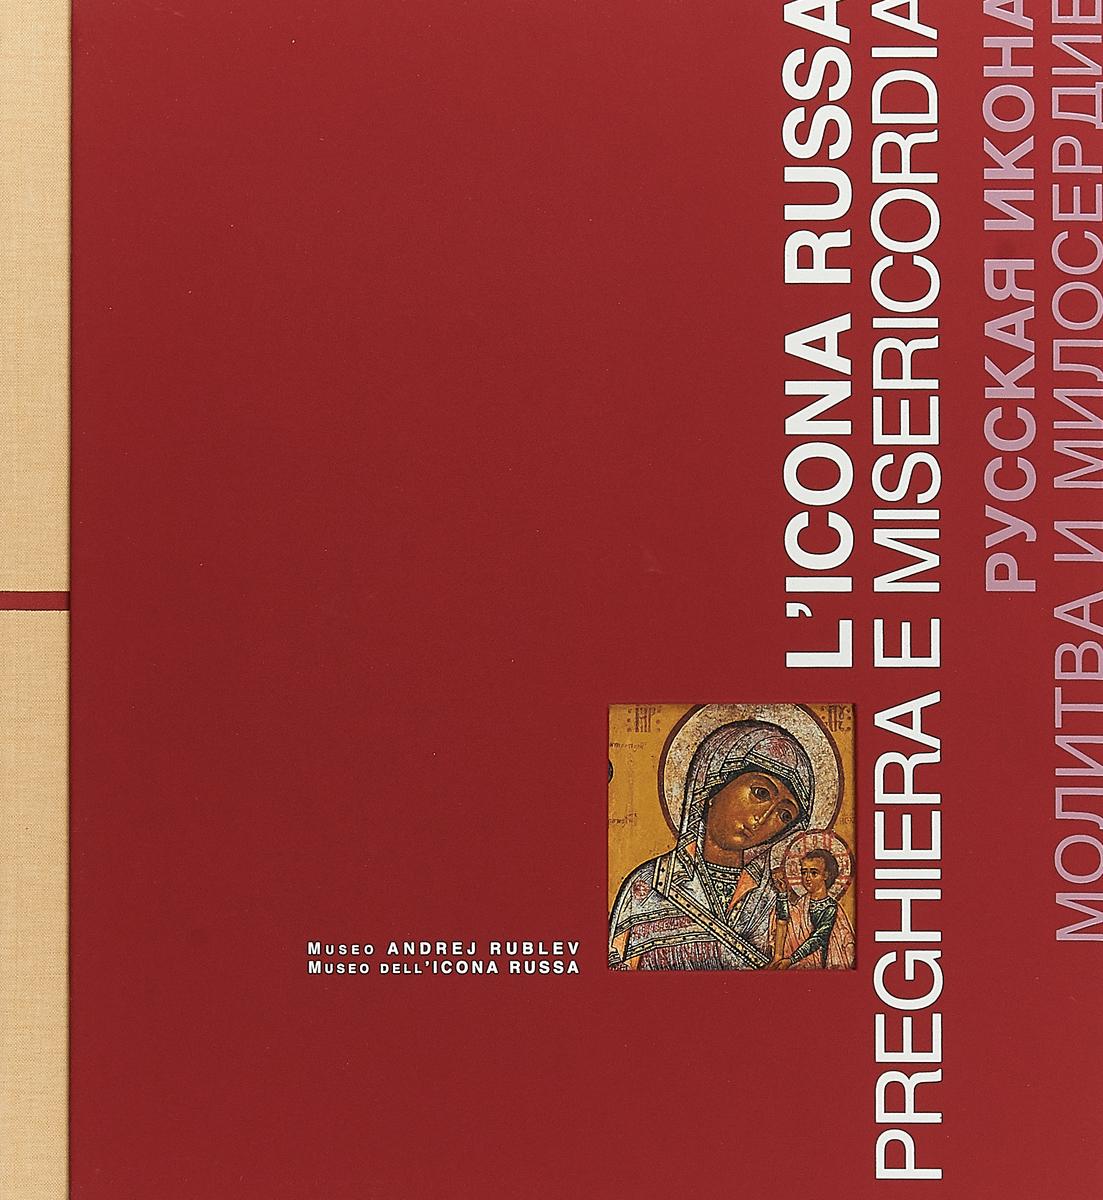 Русская икона: Молитва и милосердие. Каталог 爆笑王国28